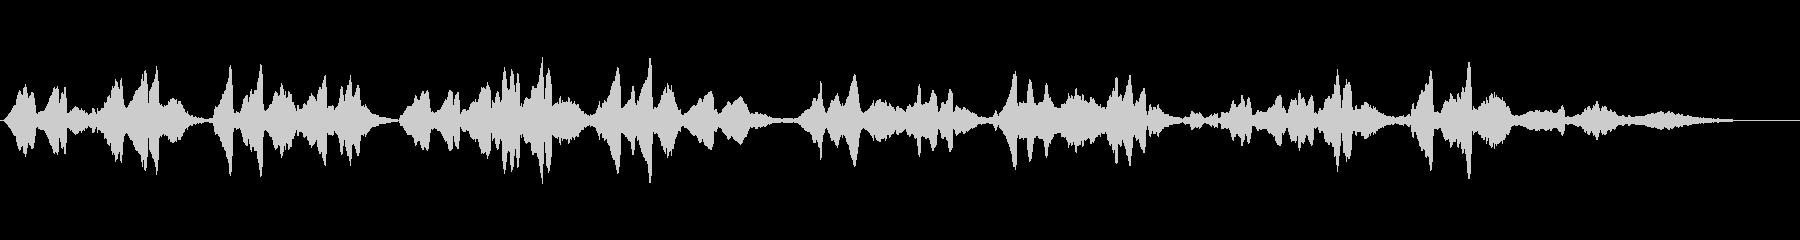 「もみの木」をヴァイオリンソロでの未再生の波形